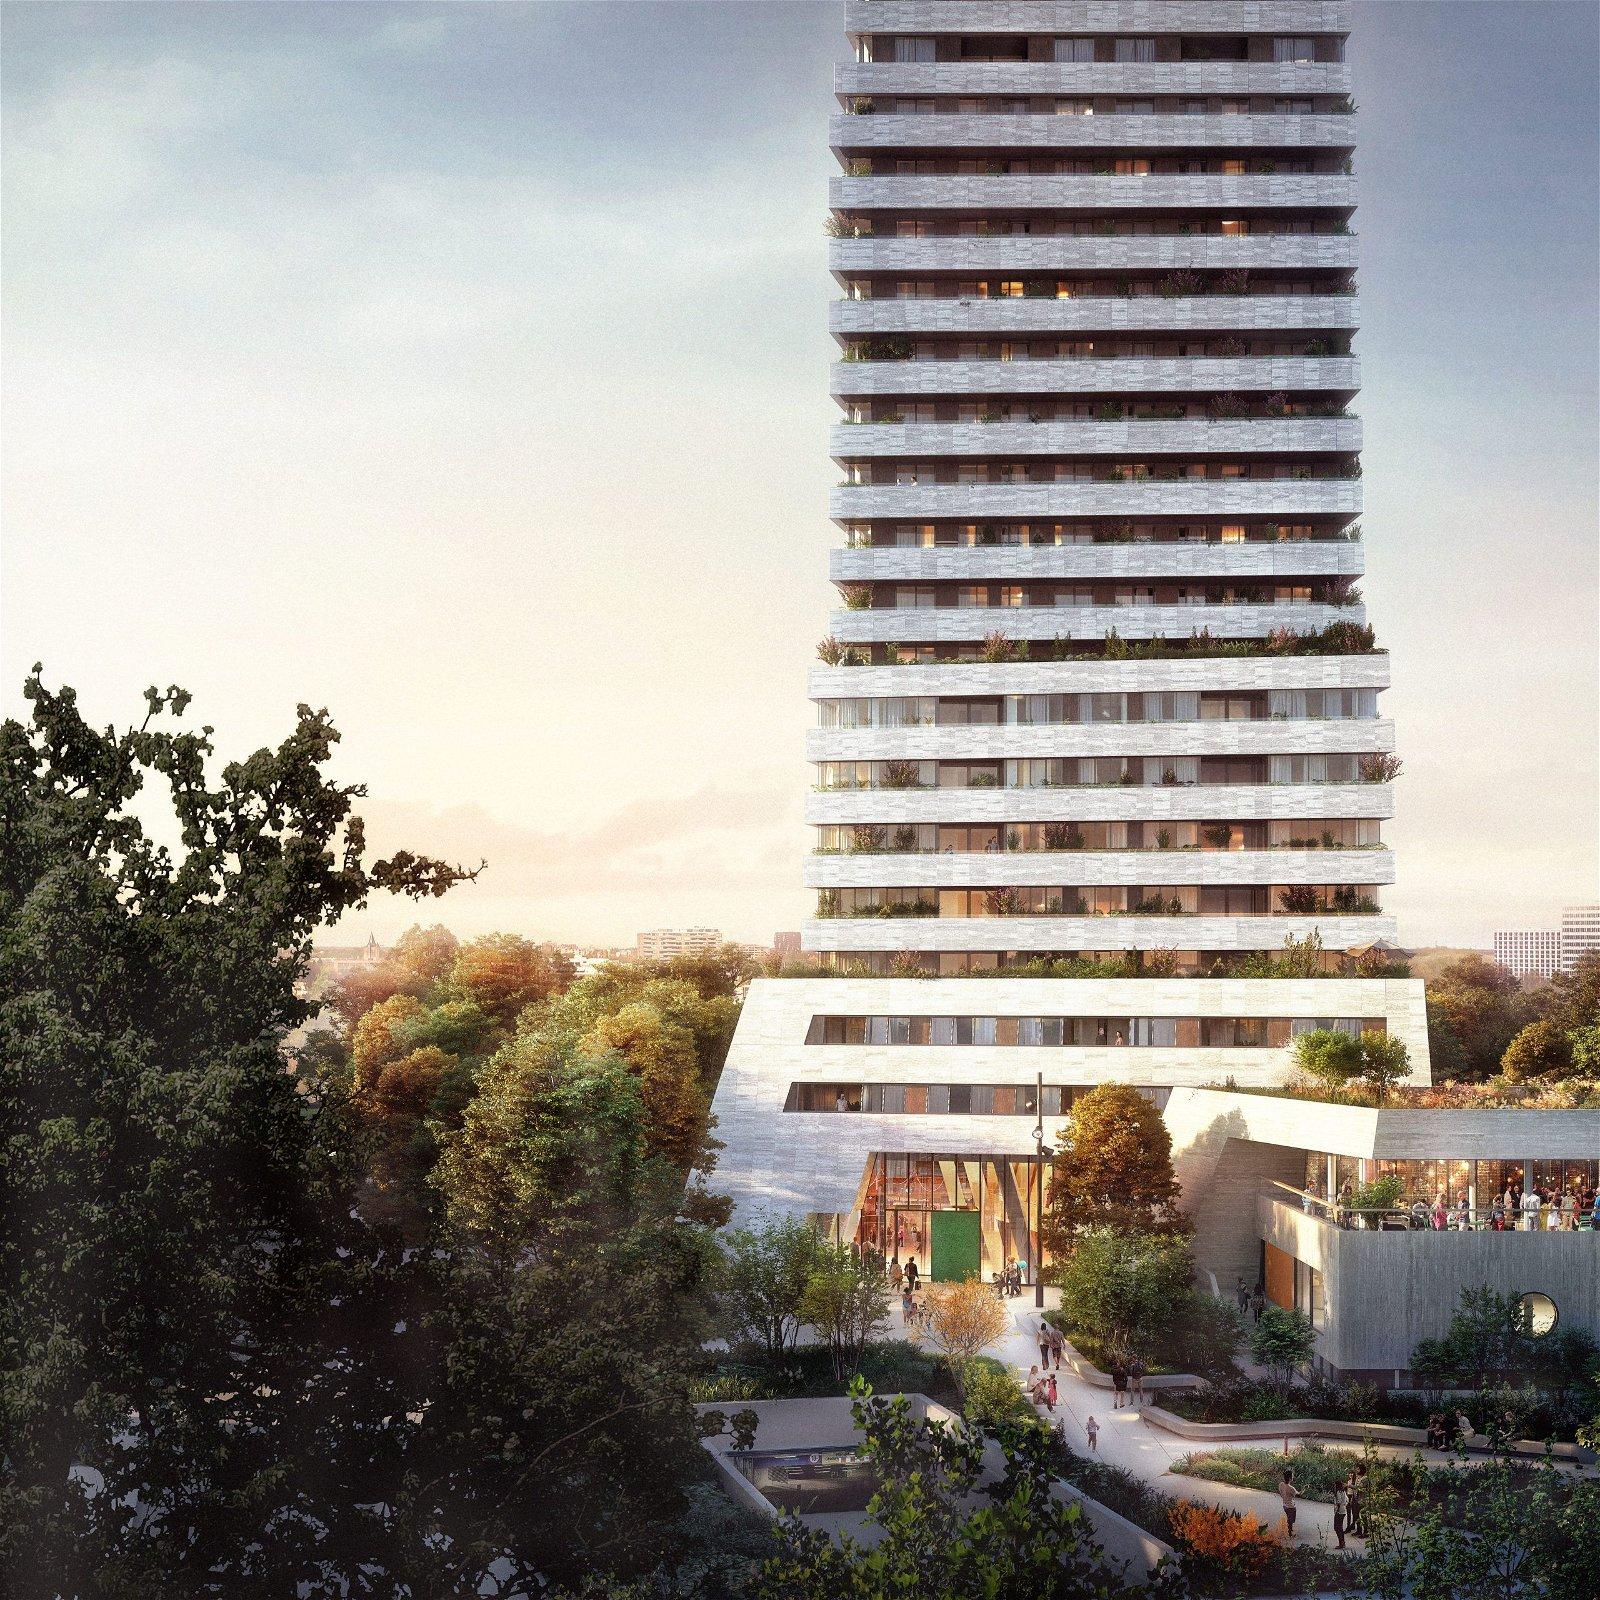 Installatiebedrijf Eindhoven - Hoppenbrouwers Techniek project BunkerToren